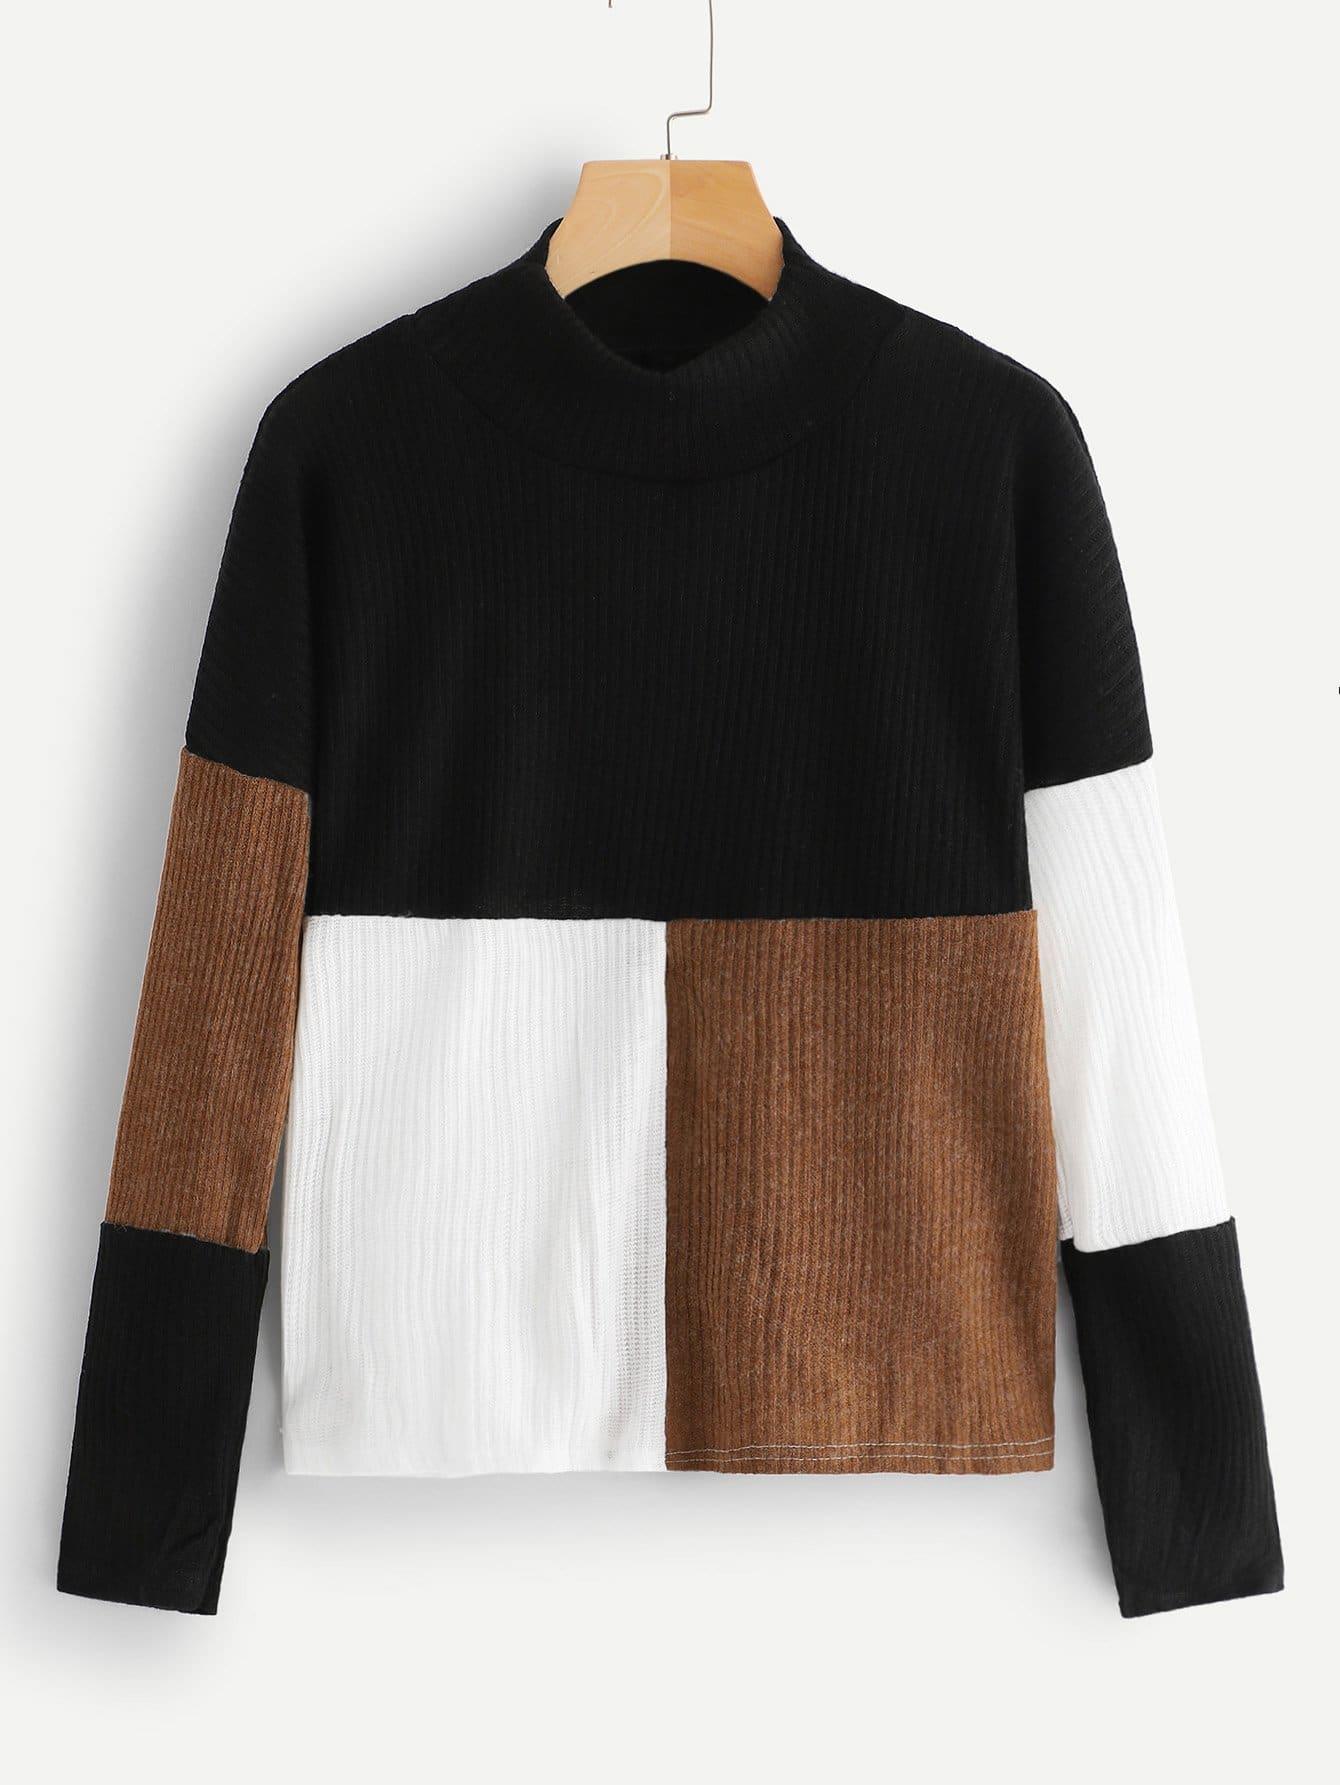 Купить Контрастный свитер со стоячим воротником, null, SheIn